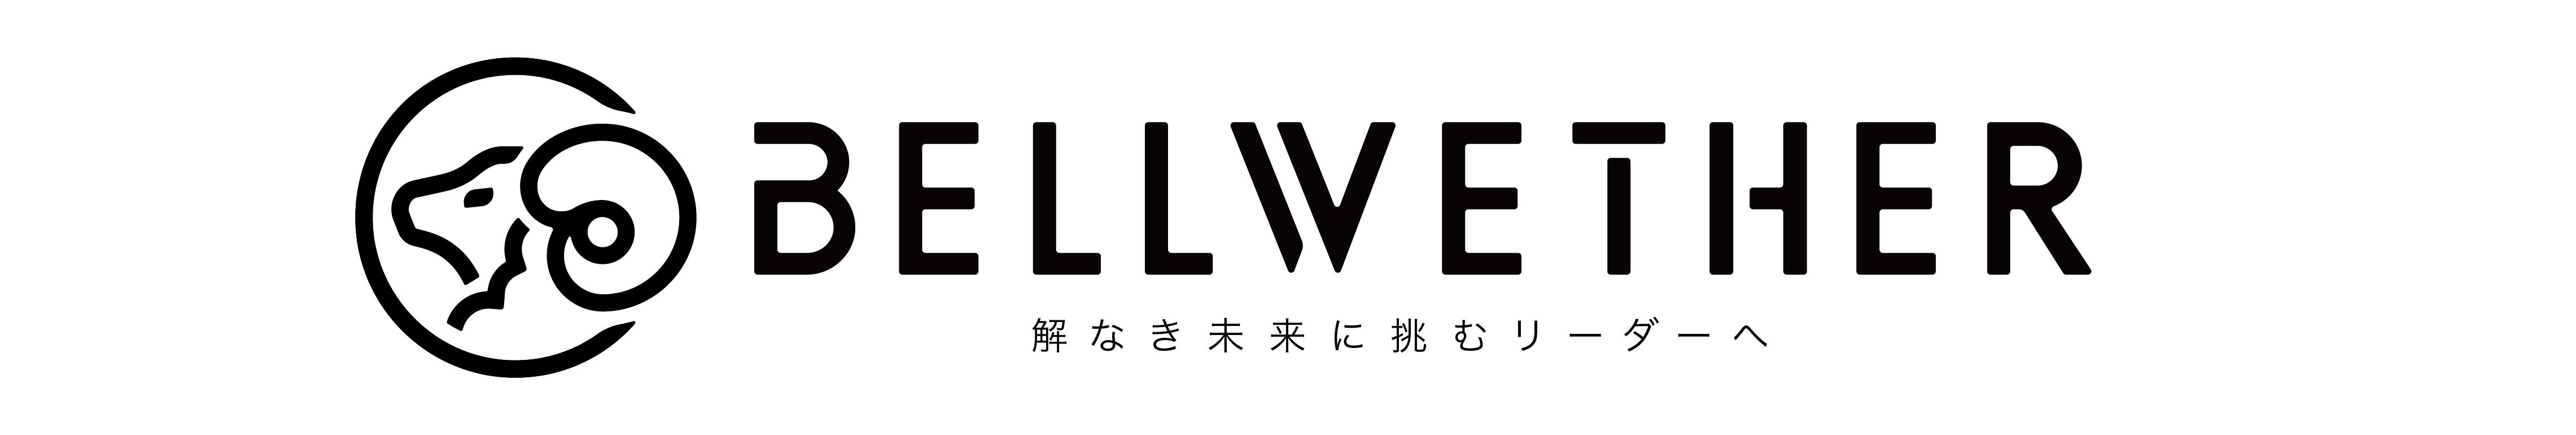 BELLWETHER(ベルウェザー) | 次の、チーム×コミュニケーション×マネジメントをつくるリーダーメディア